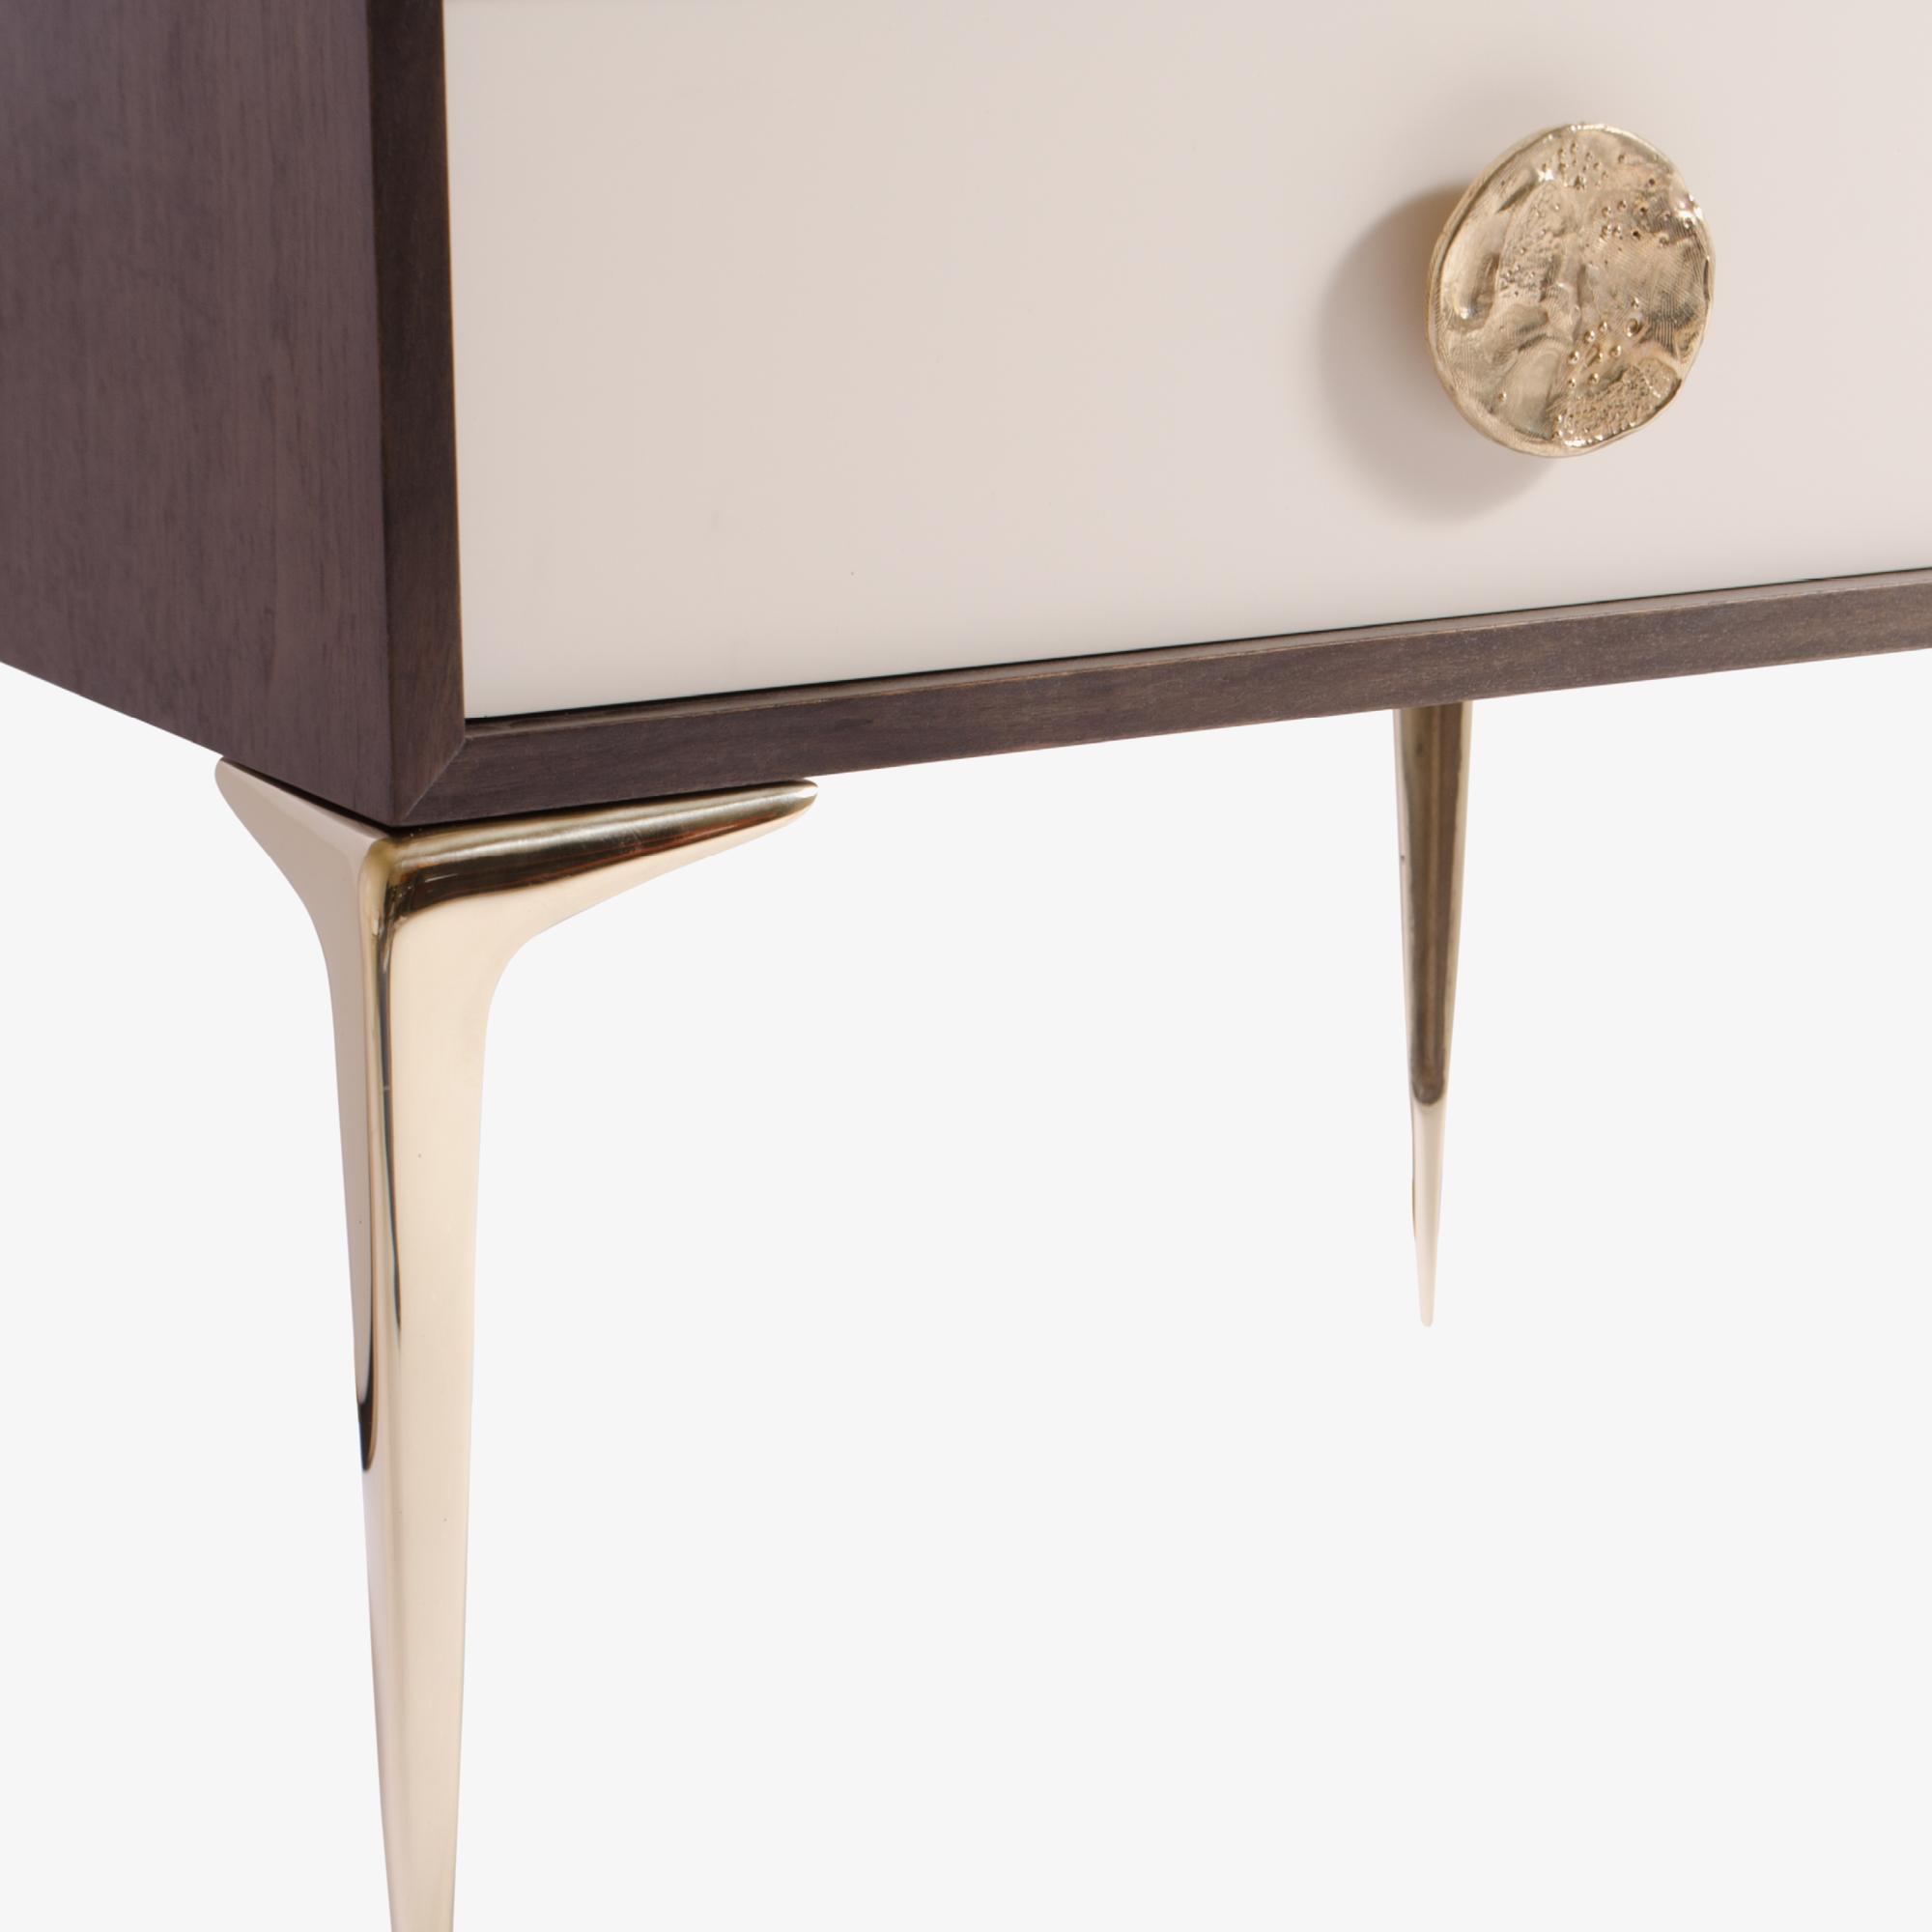 Montage Colette Brass Nightstands in Walnut